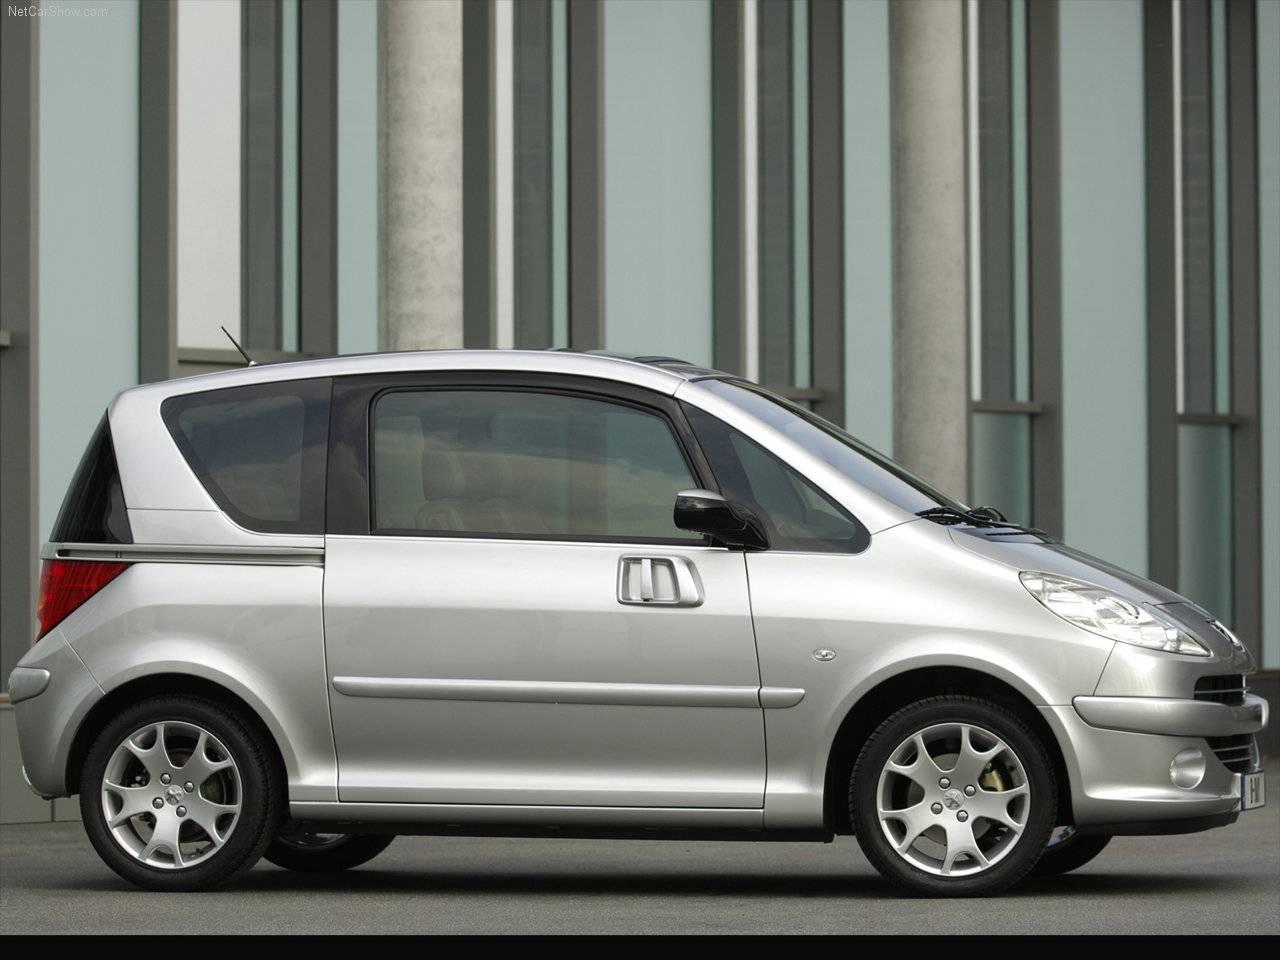 2005 peugeot 1007 d day concept - Peugeot 1007 probleme porte coulissante ...